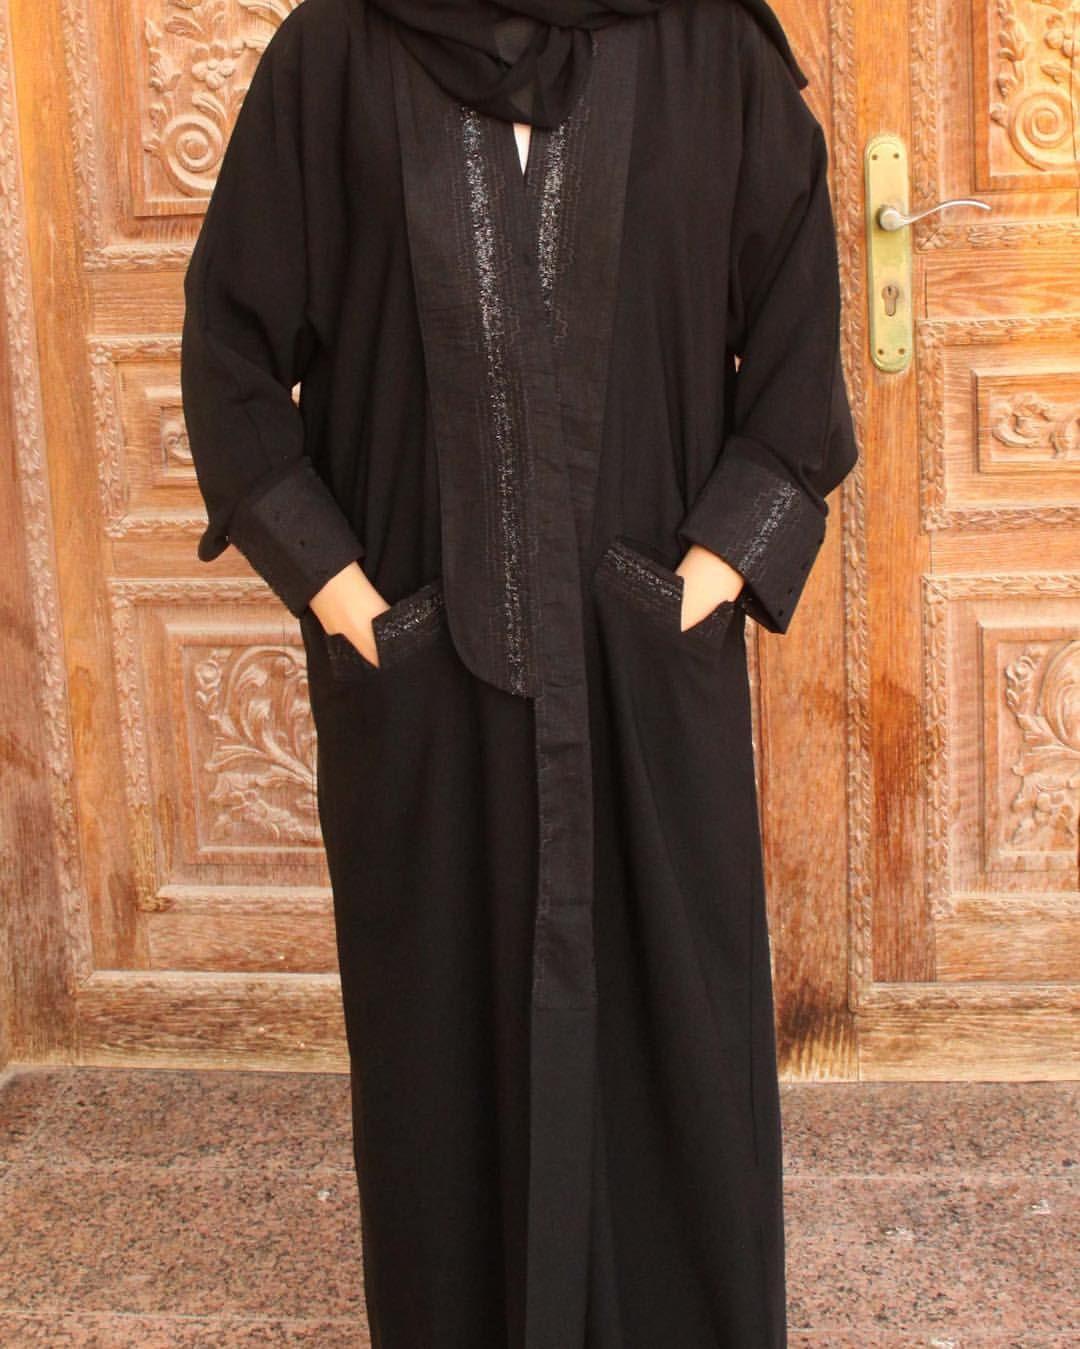 45 Likes 13 Comments عبايات شيدر Shaidrr Abaya Shaidrr On Instagram من الكولكشن الجديد عبايه من قماش الكري Abaya Fashion Style Maxi Dress Modern Abaya